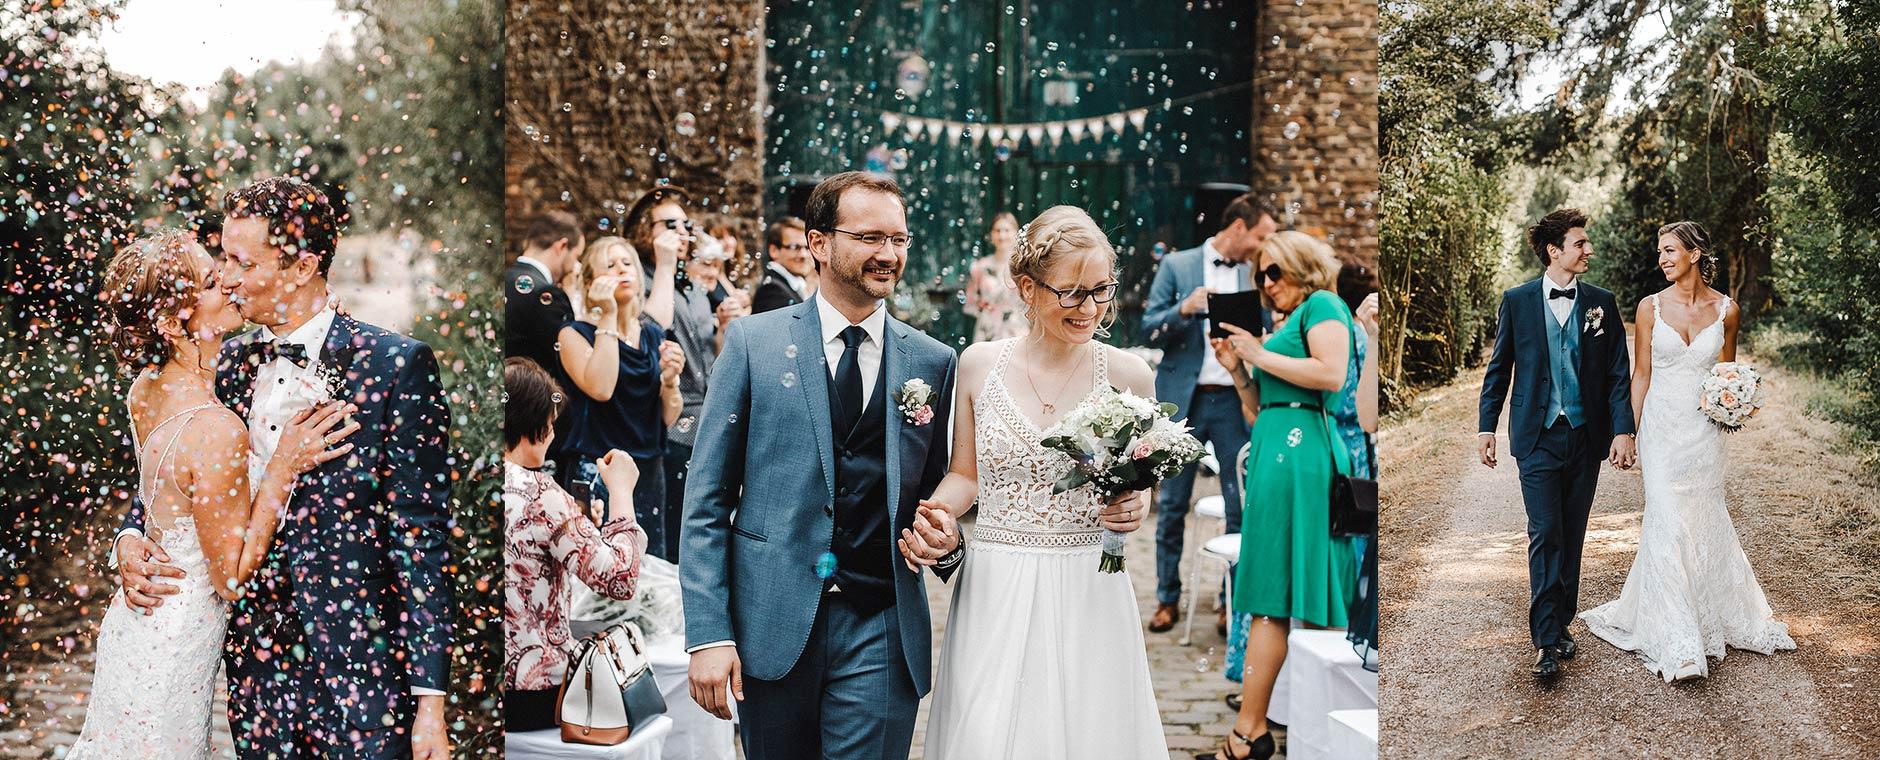 Hochzeitsfotograf Köln | Natürliche Hochzeitsfotos